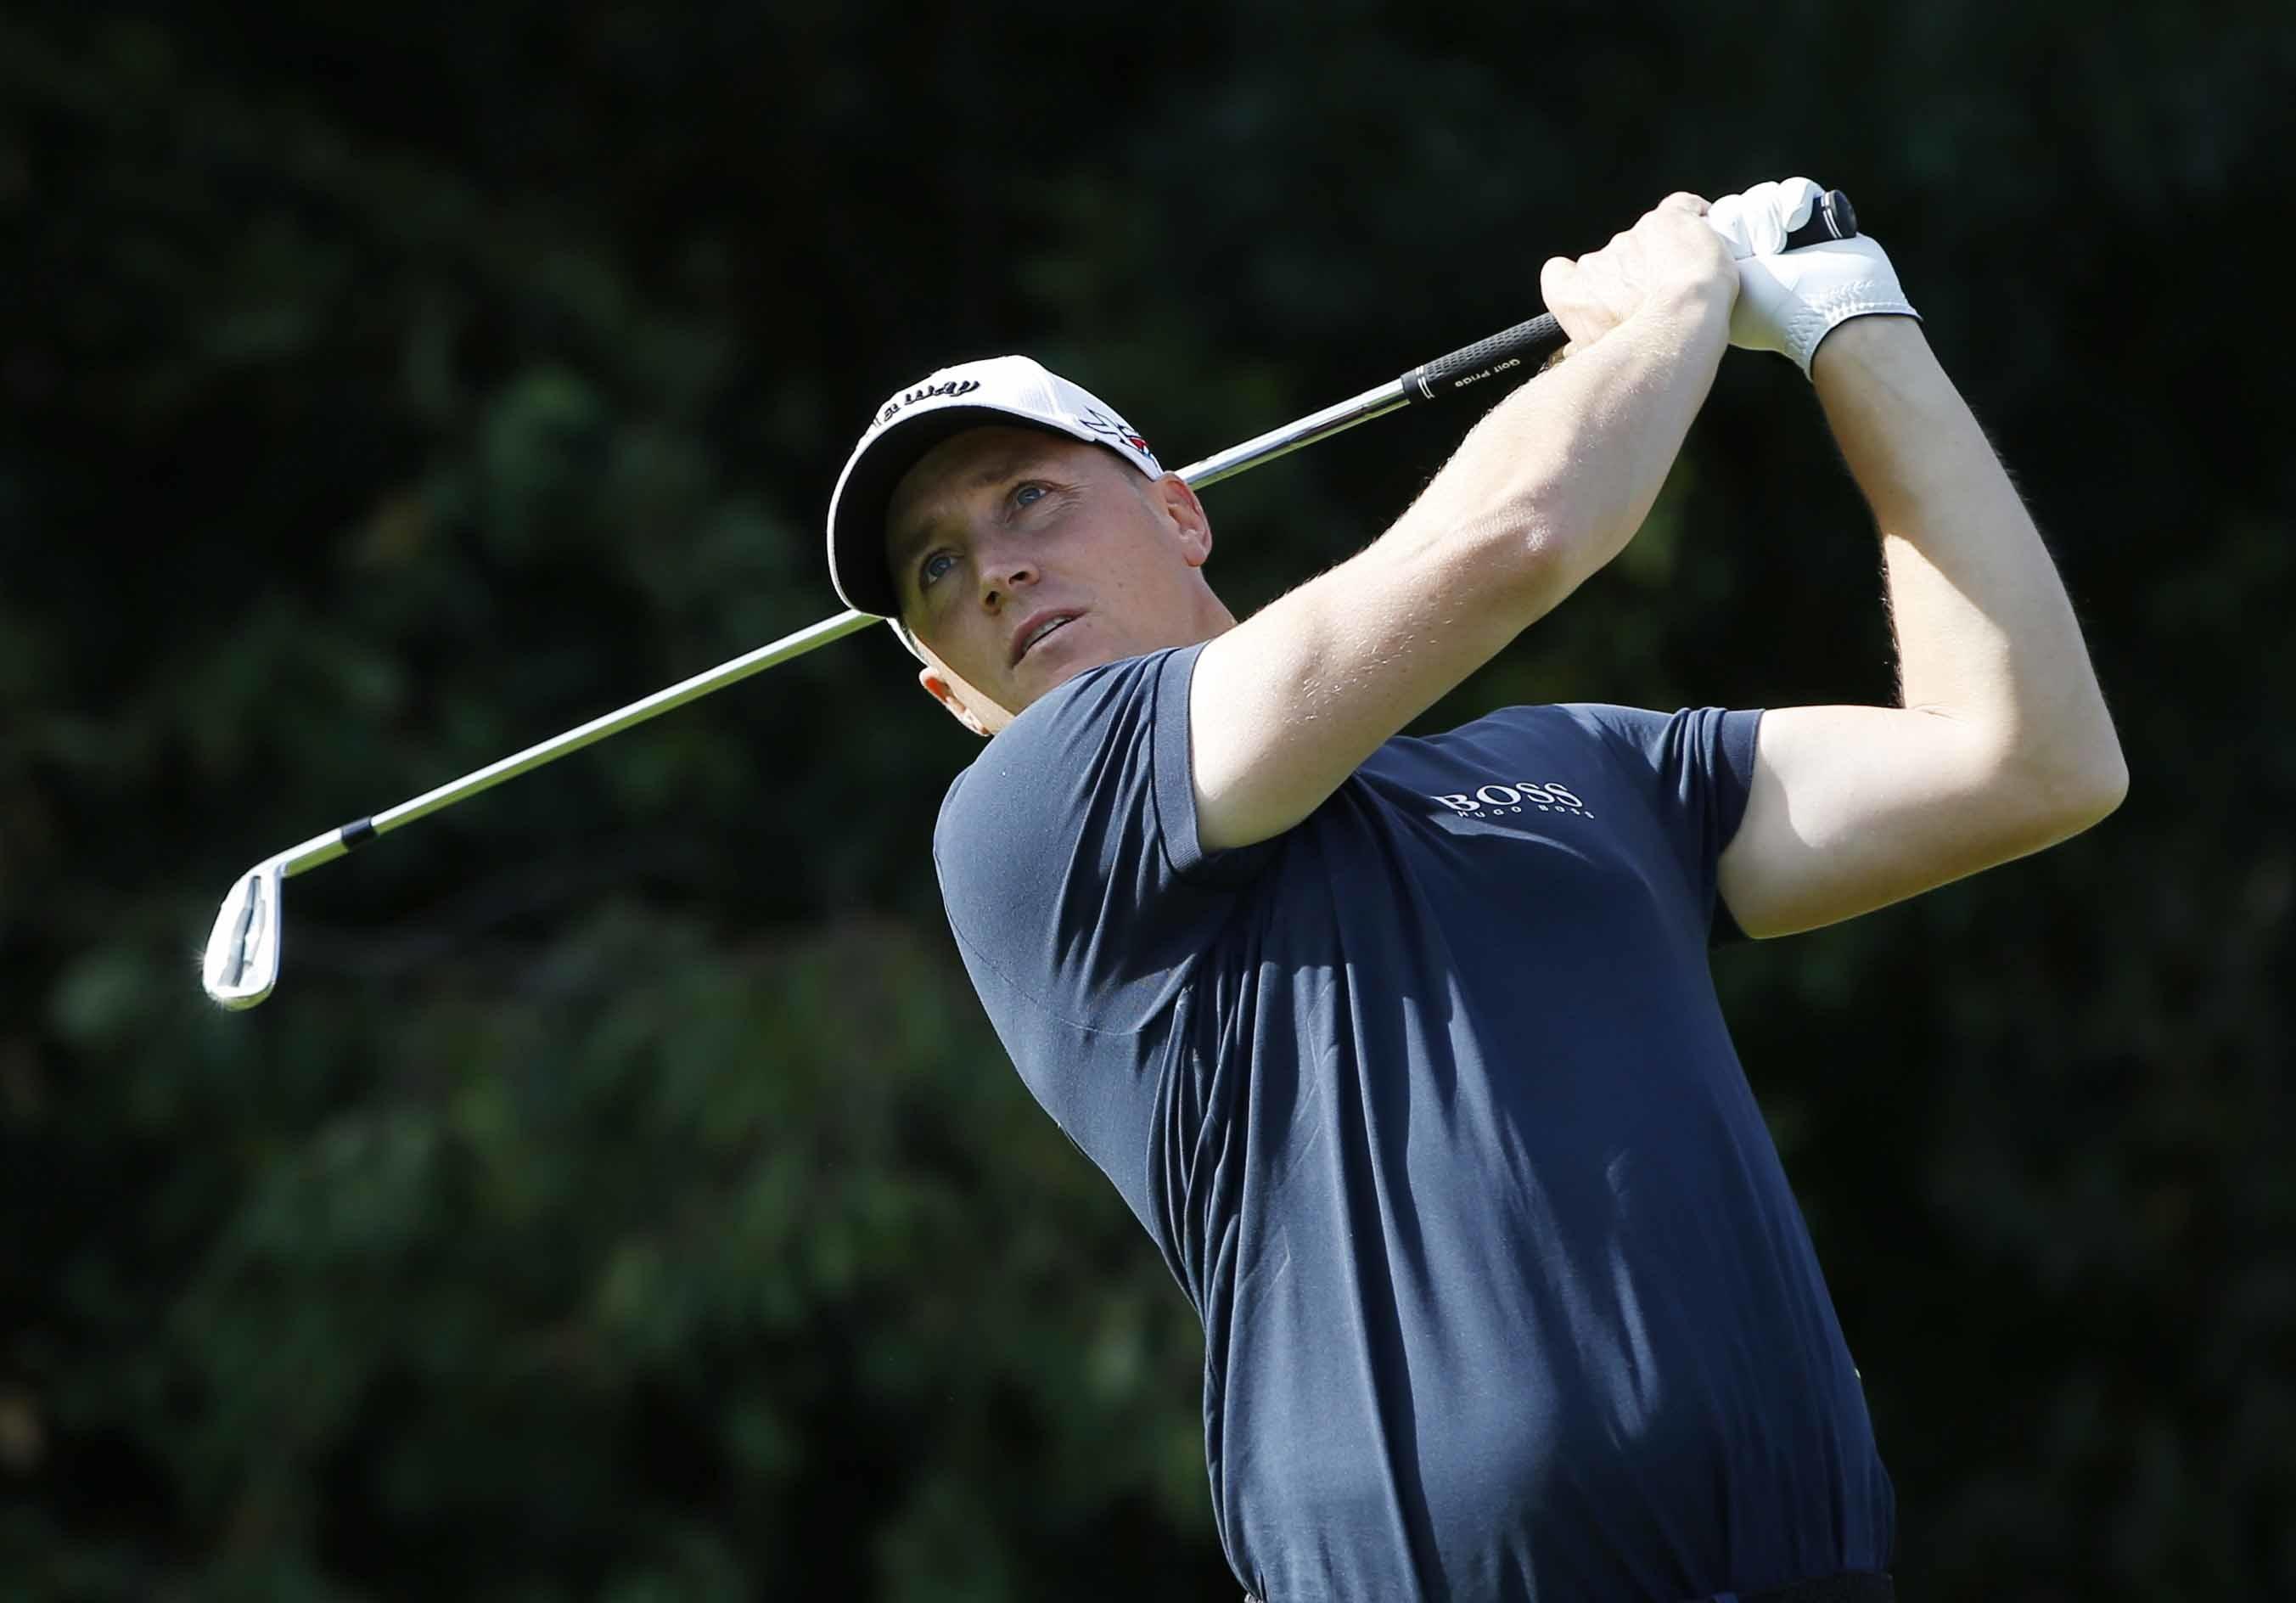 Golf - European Tour : Alex Noren vainqueur en série